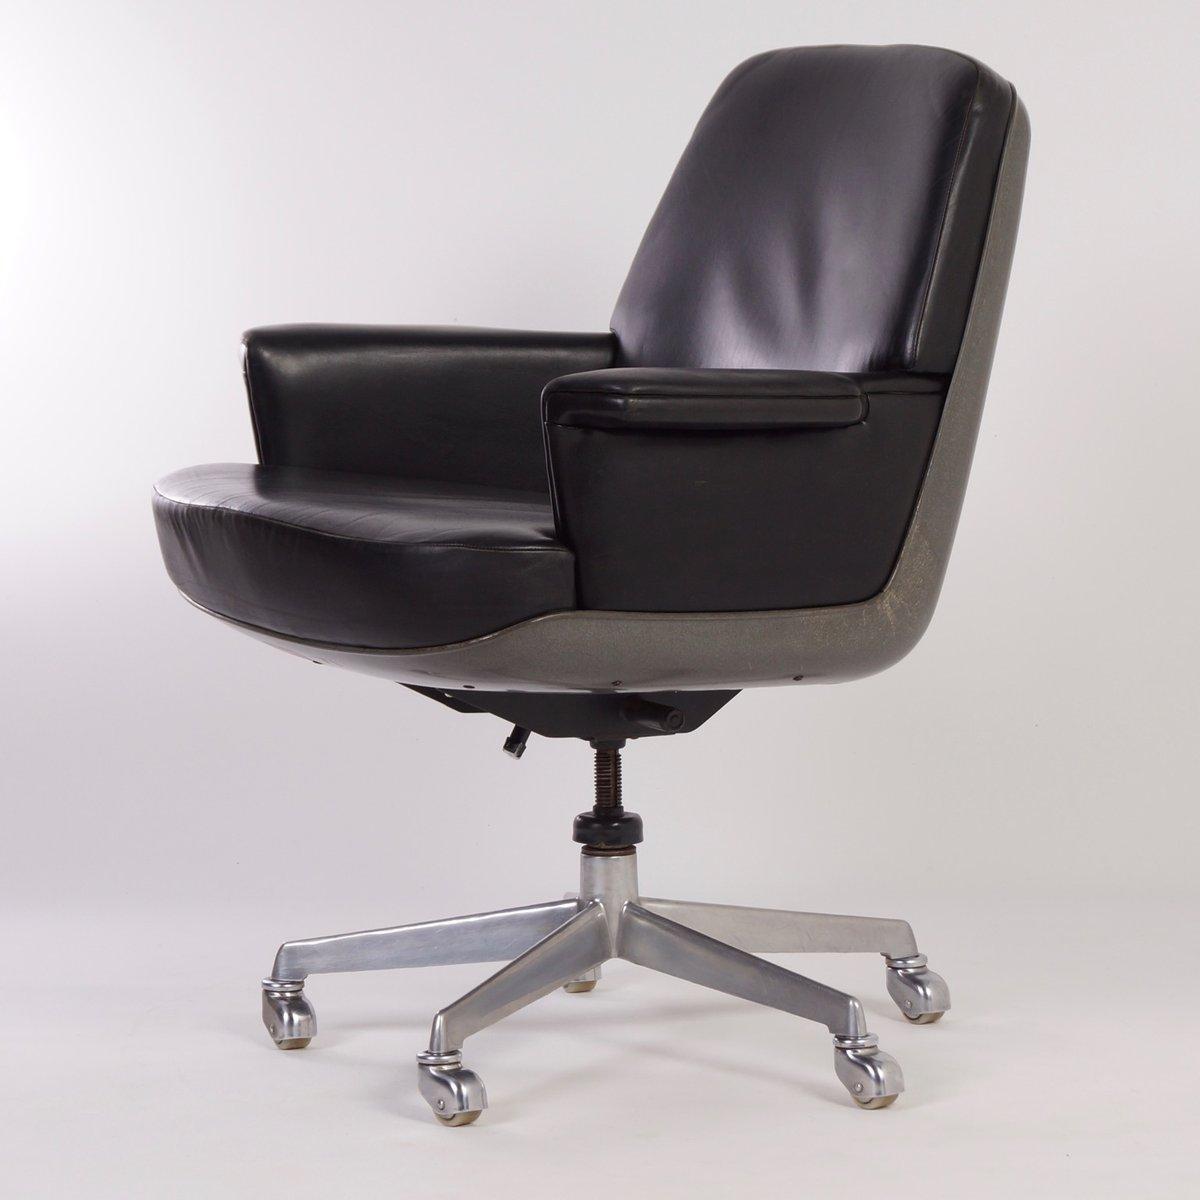 chaise de bureau de wilkhahn 1970s en vente sur pamono. Black Bedroom Furniture Sets. Home Design Ideas